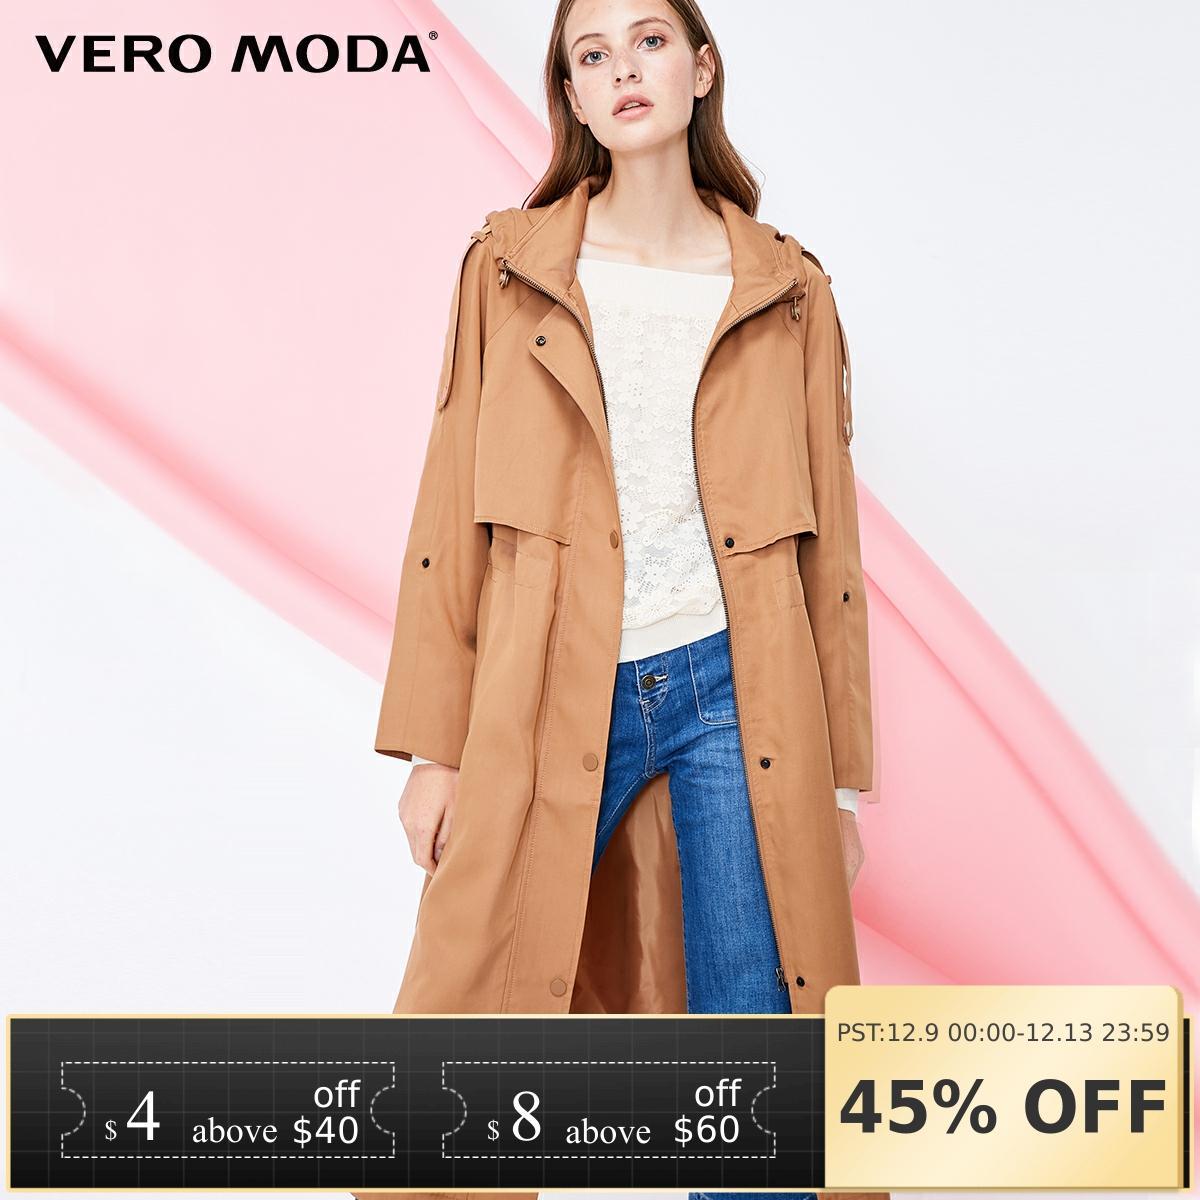 Vero Moda 2019 New Arrivals Adjustable Waist Long Hooded Wind Coat Trench Coat | 318321542